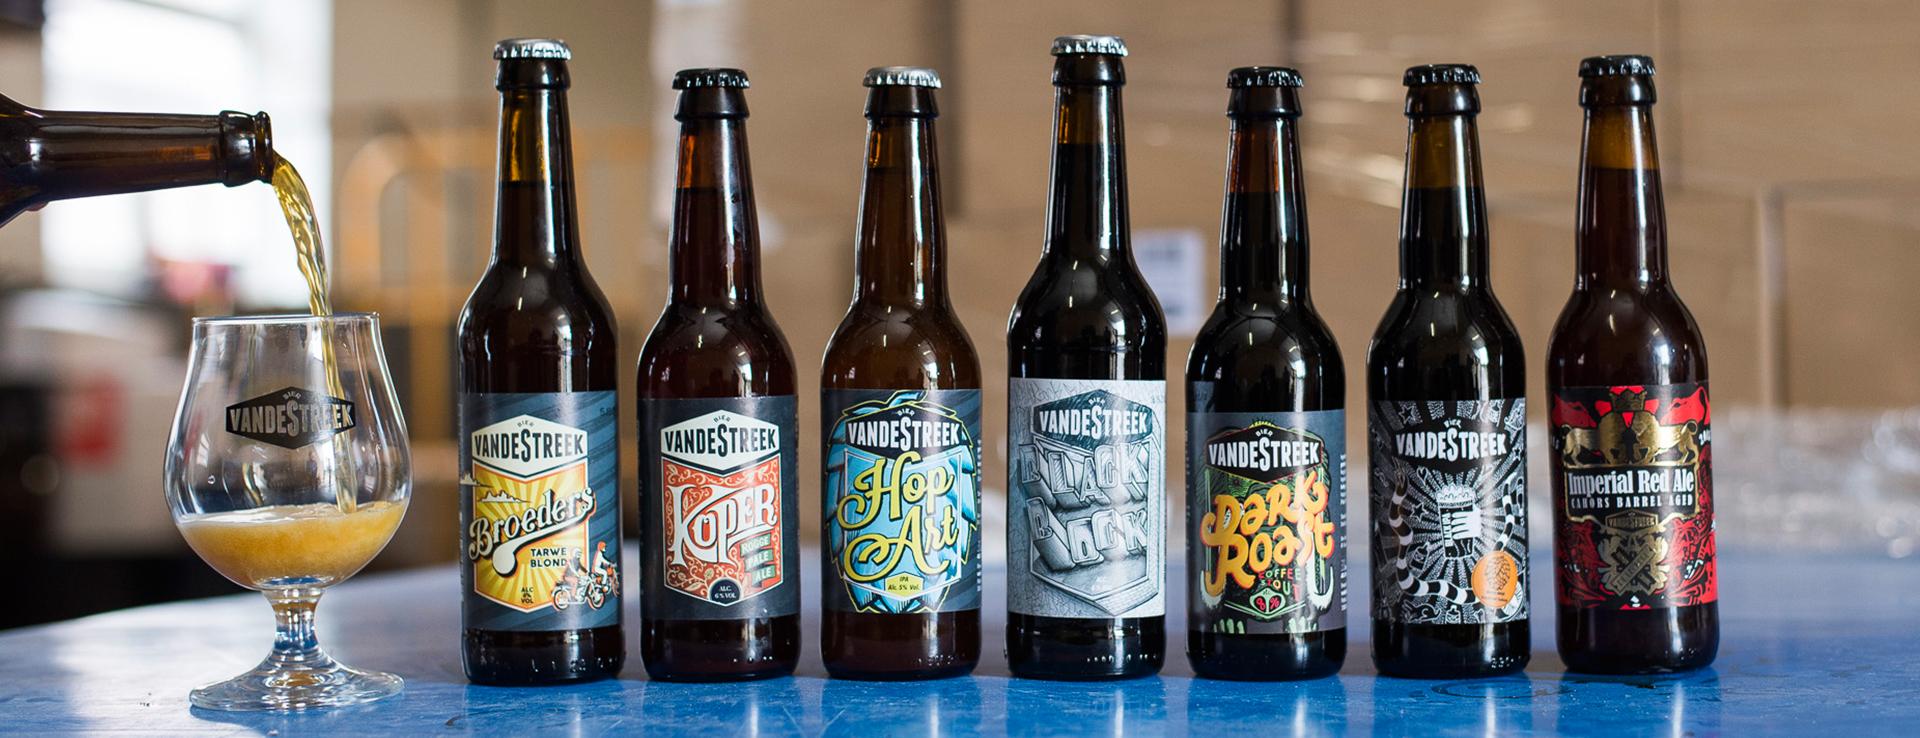 pils-bier-brouwerij-nederland-streekbier-utrecht-vandestreek-foto-02